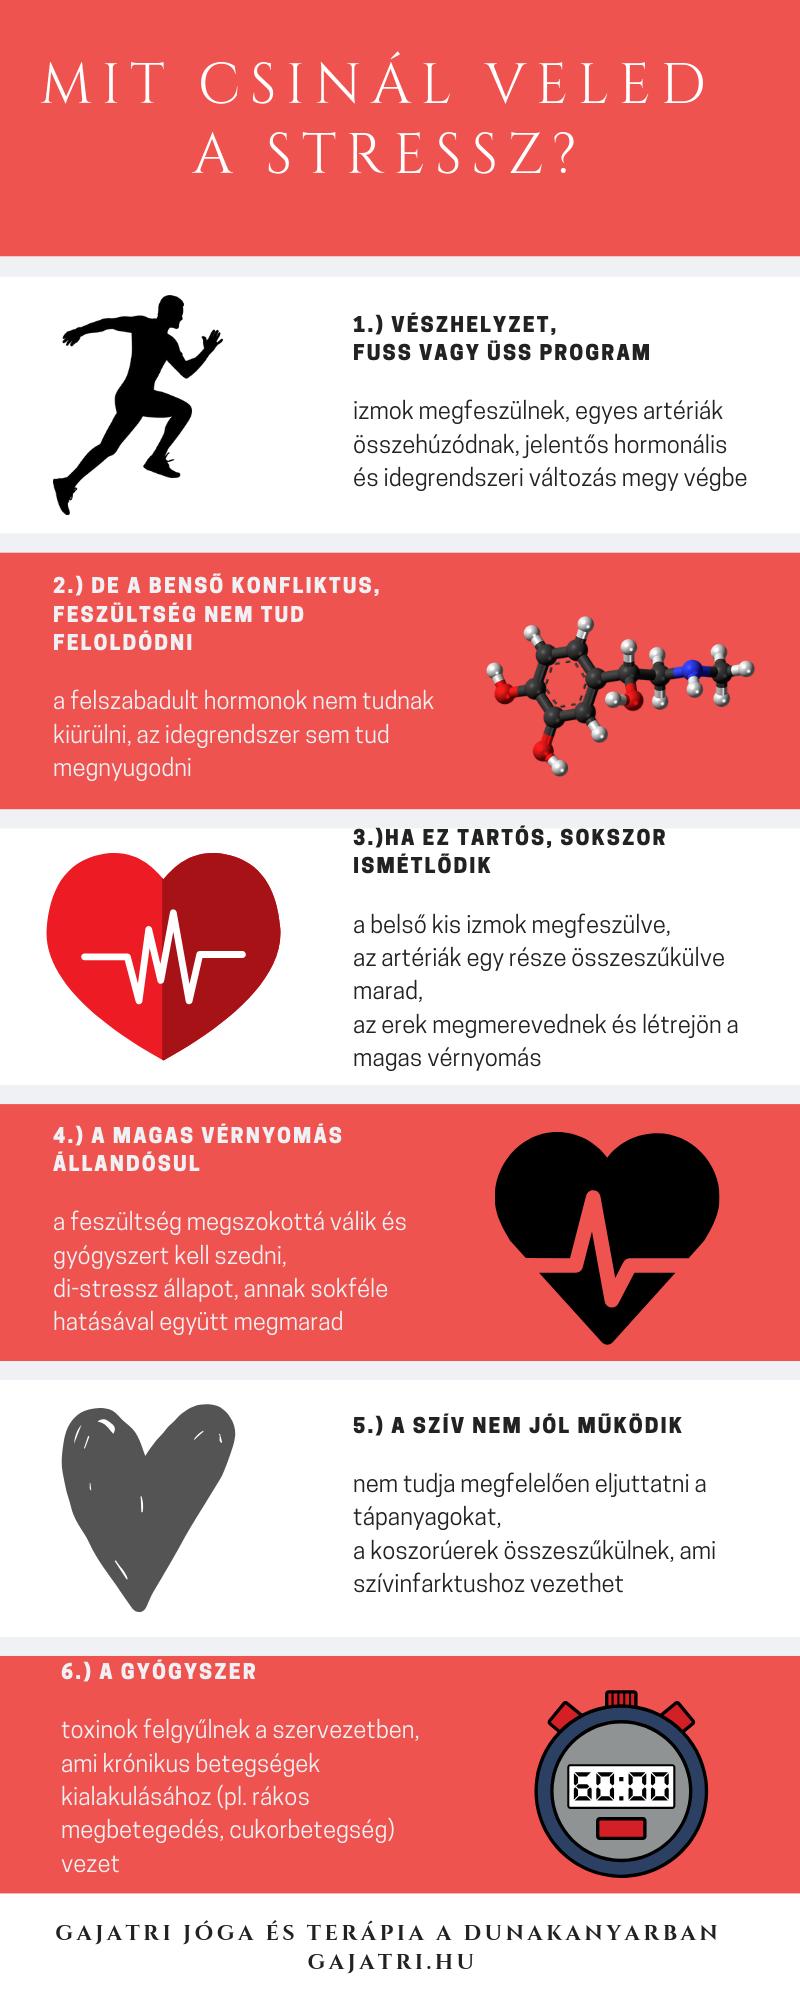 magas vérnyomás 1 és 2 és 3 fok alacsonyabb nyomású kis hipertónia